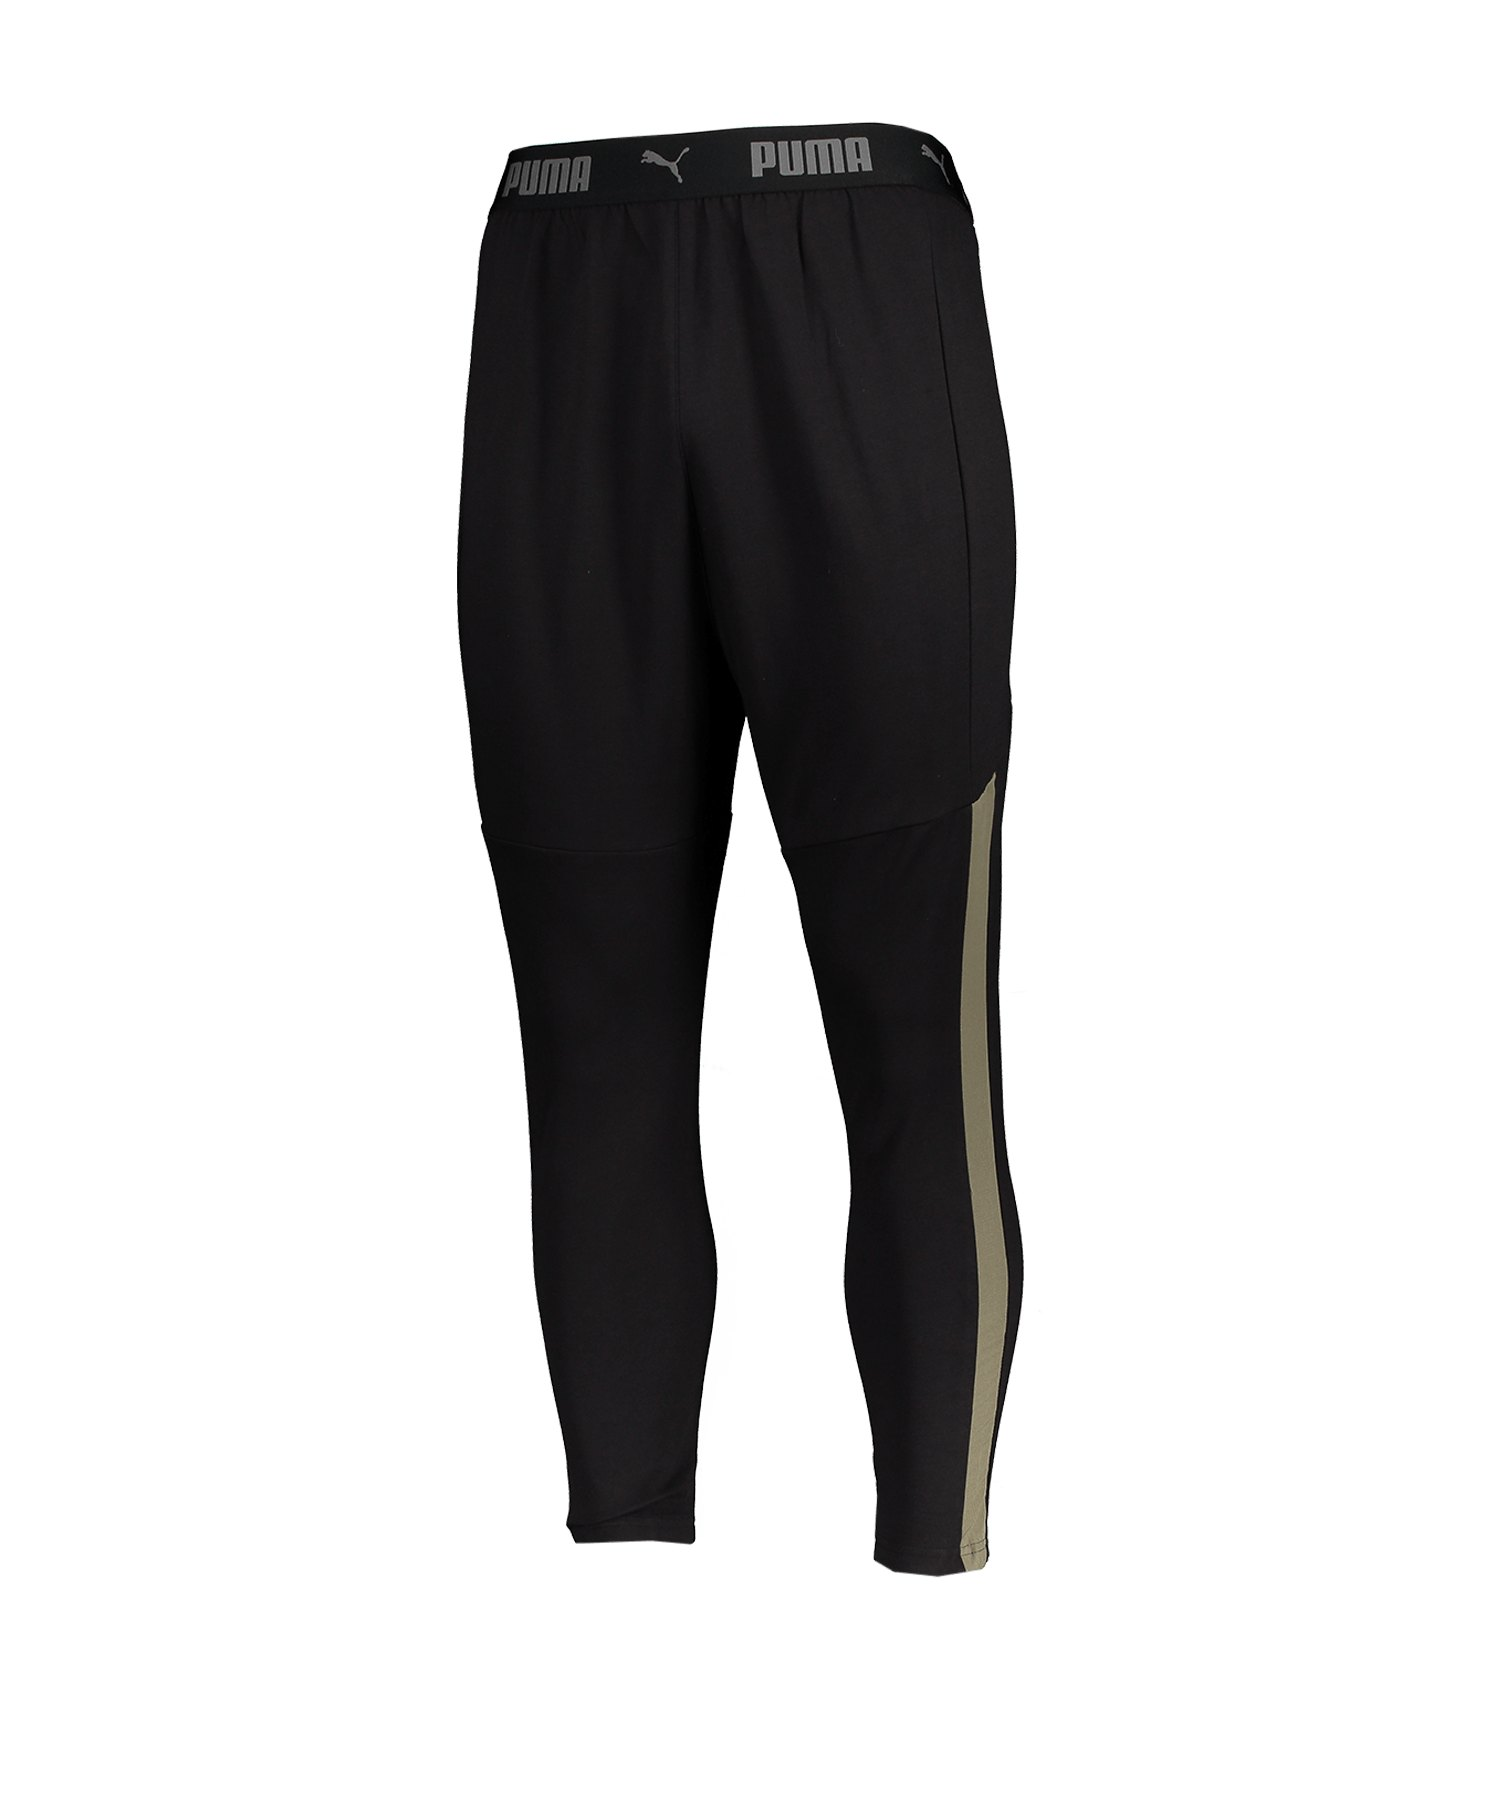 PUMA PUMA ftblNXT Casual Pant Jogginghose F05 - schwarz